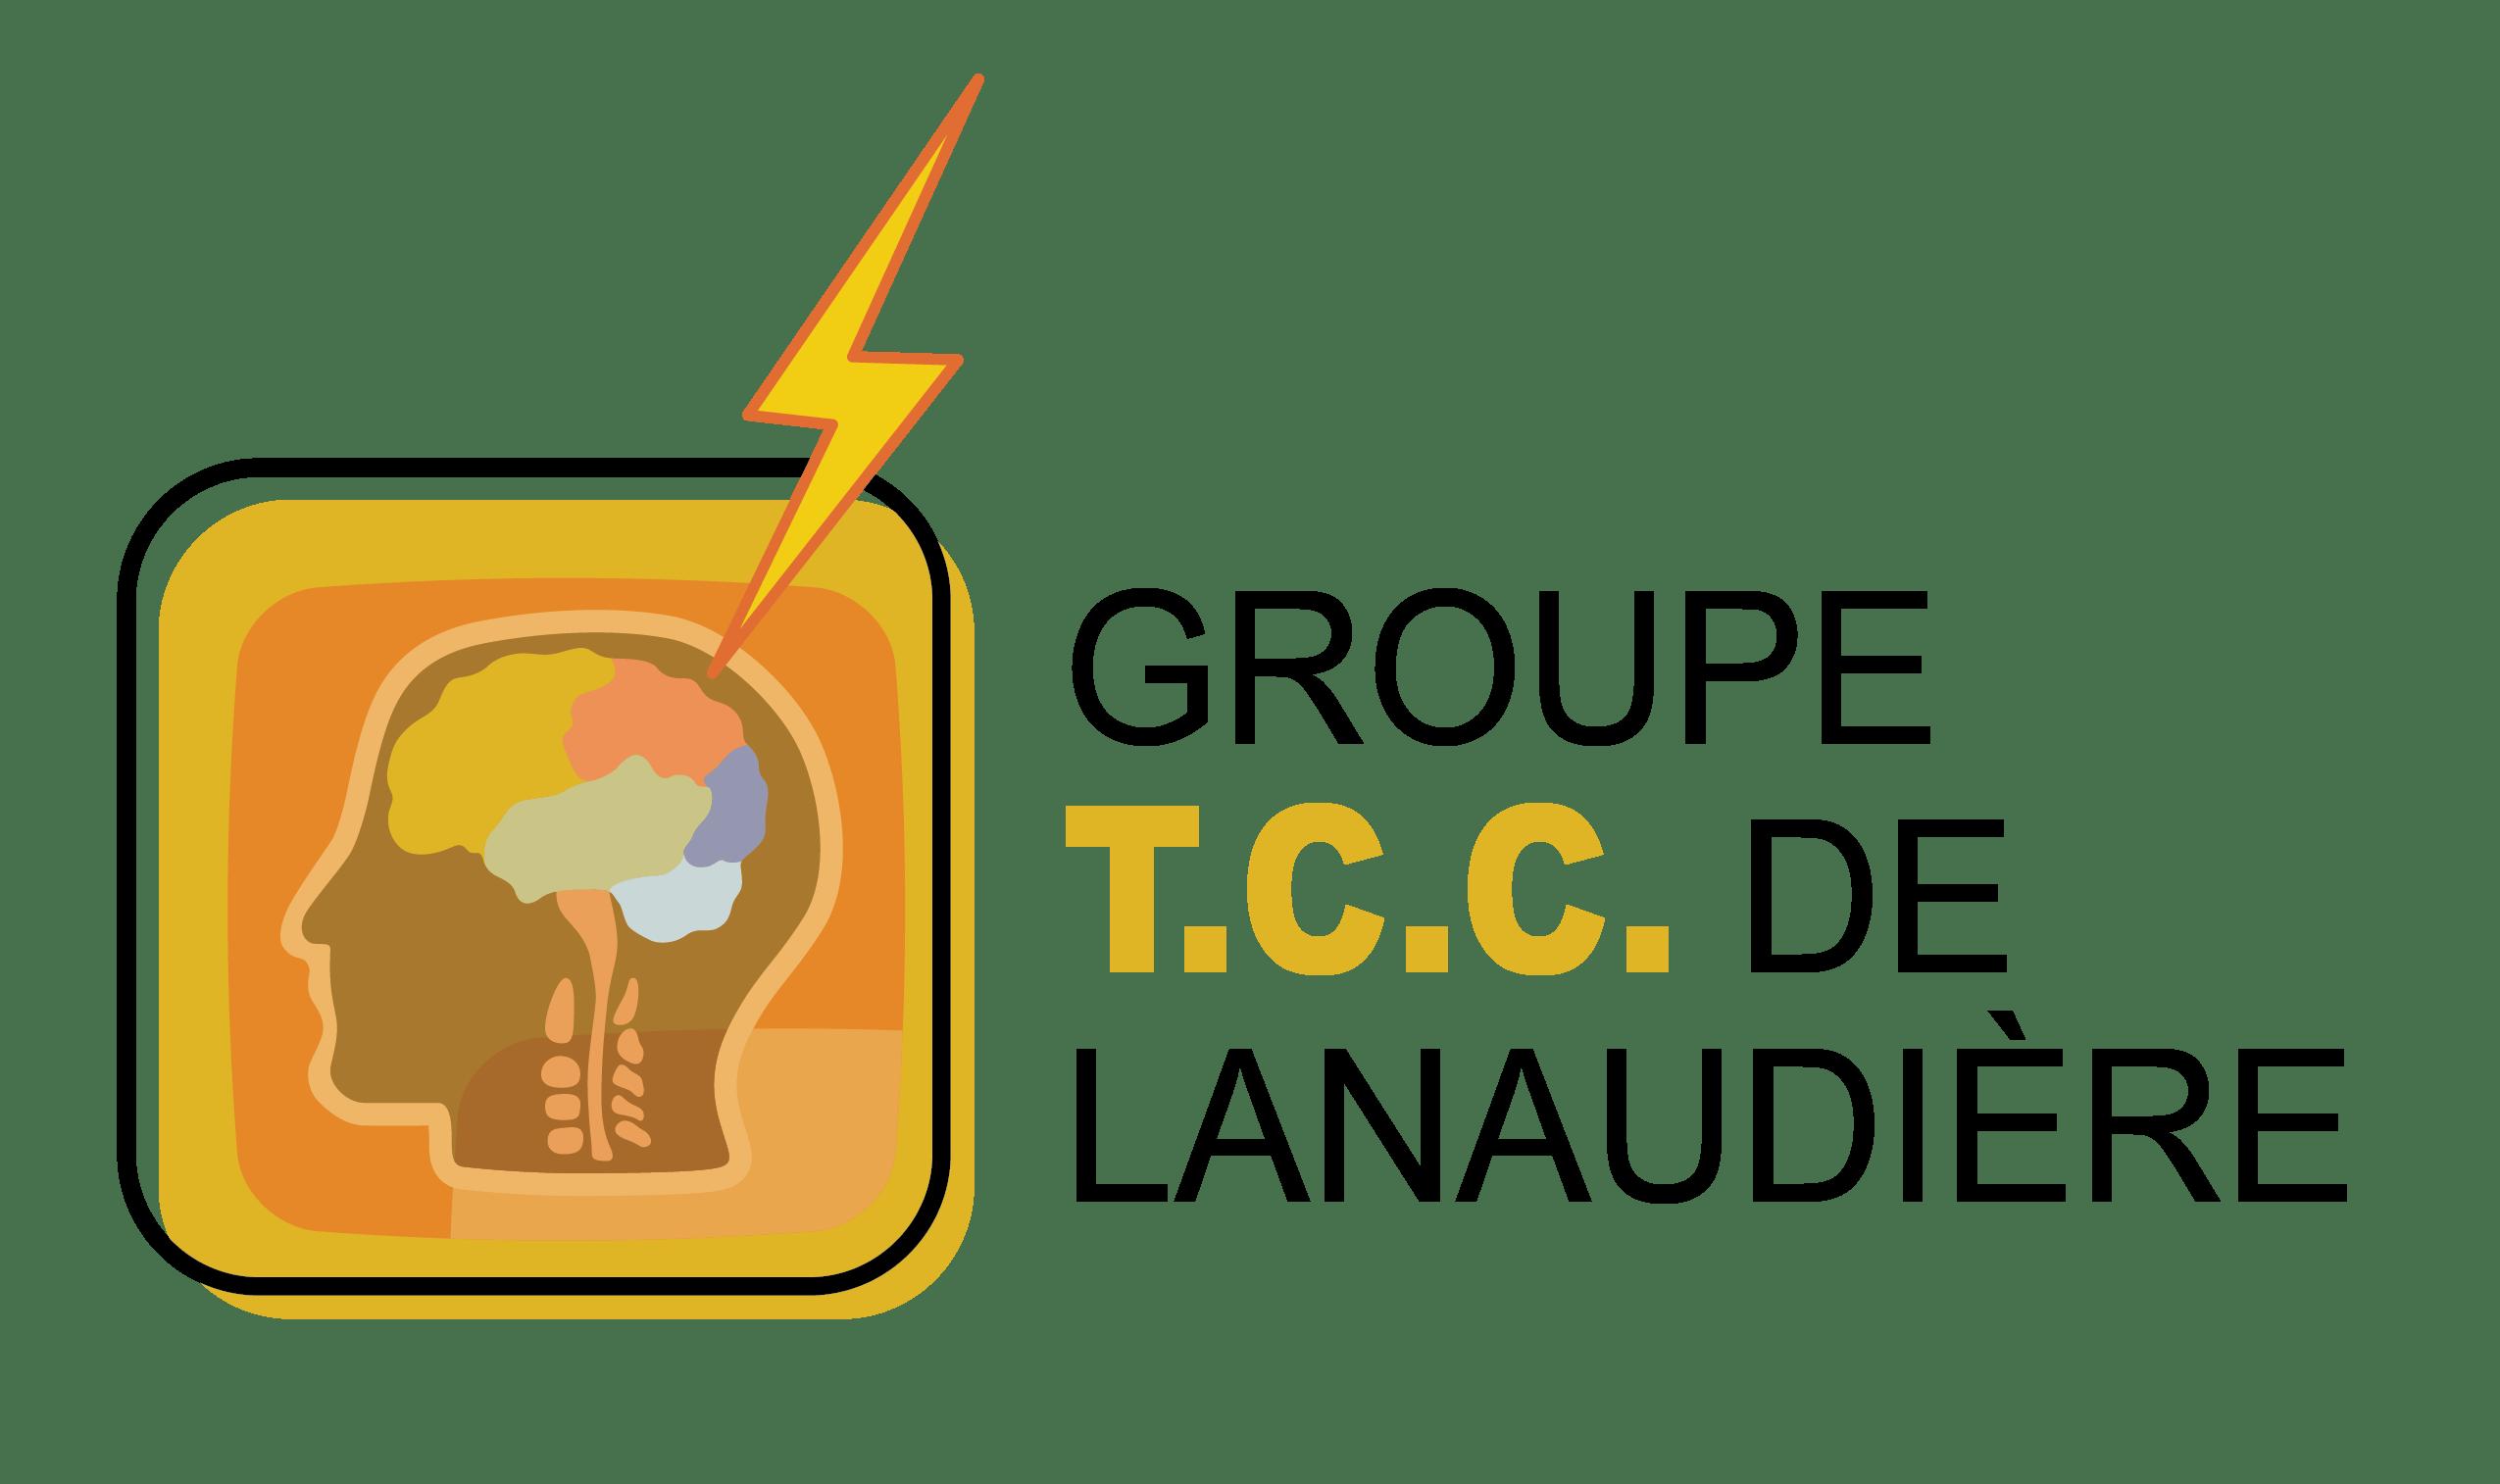 Groupe TCC de Lanaudiere